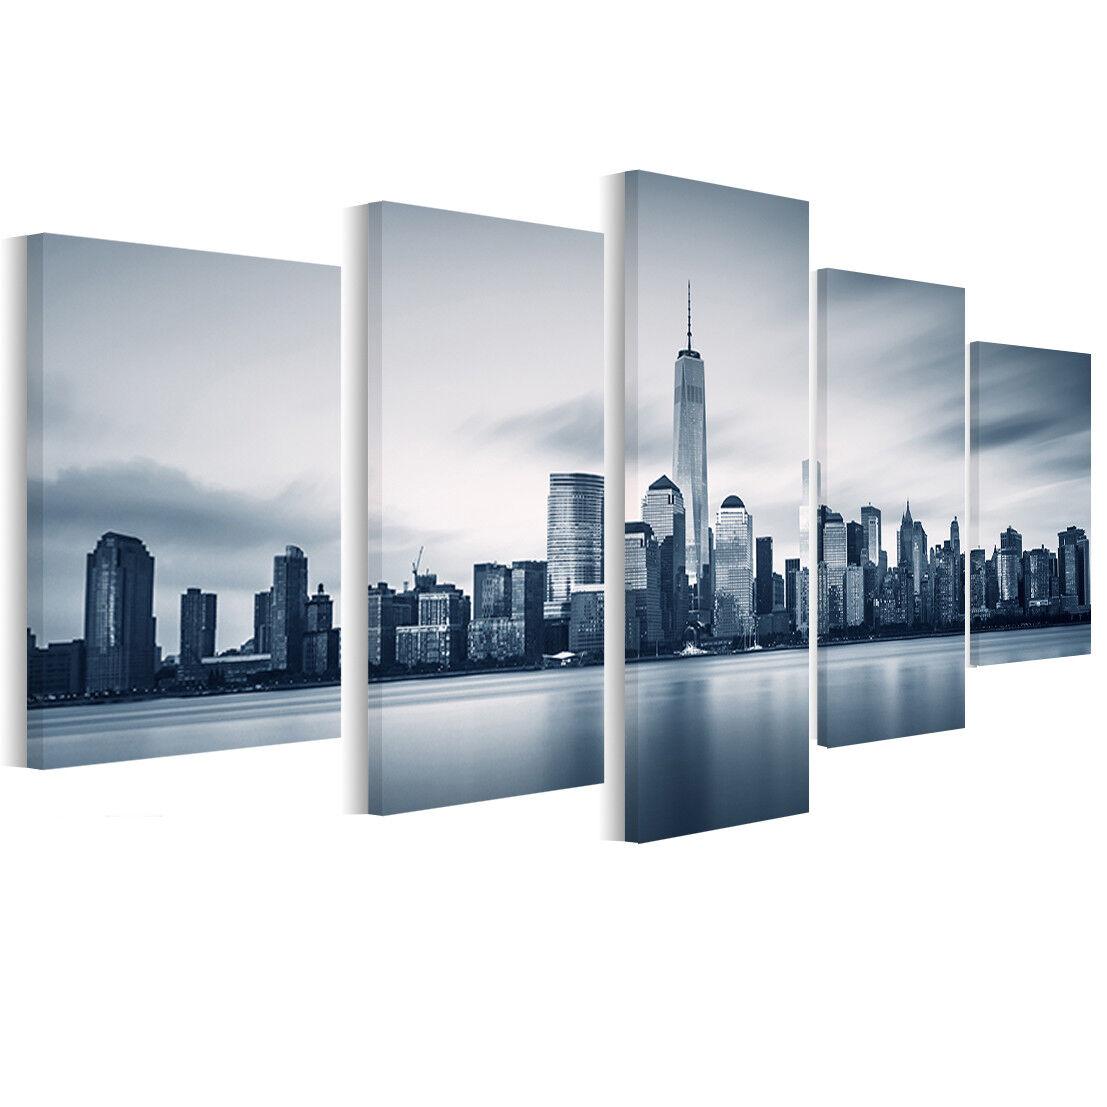 Leinwand Bilder New York City - Foto, Bild, Wandbilder fürs Wohnzimmer B5D118